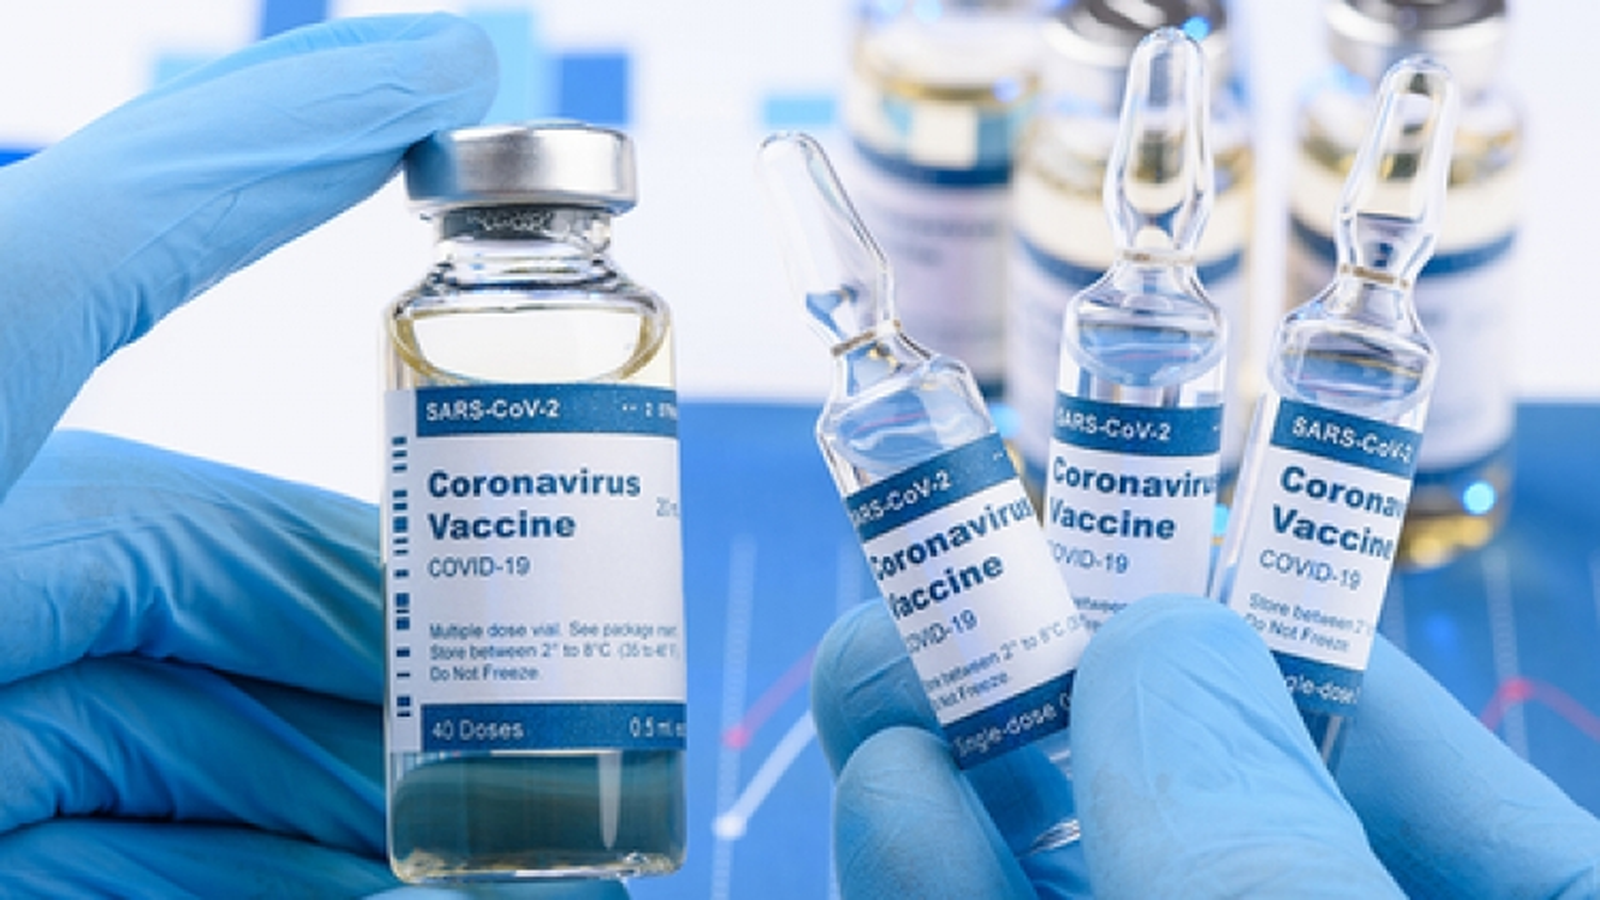 Tiêm vaccine COVID-19 có giúp giảm nguy cơ tử vong?